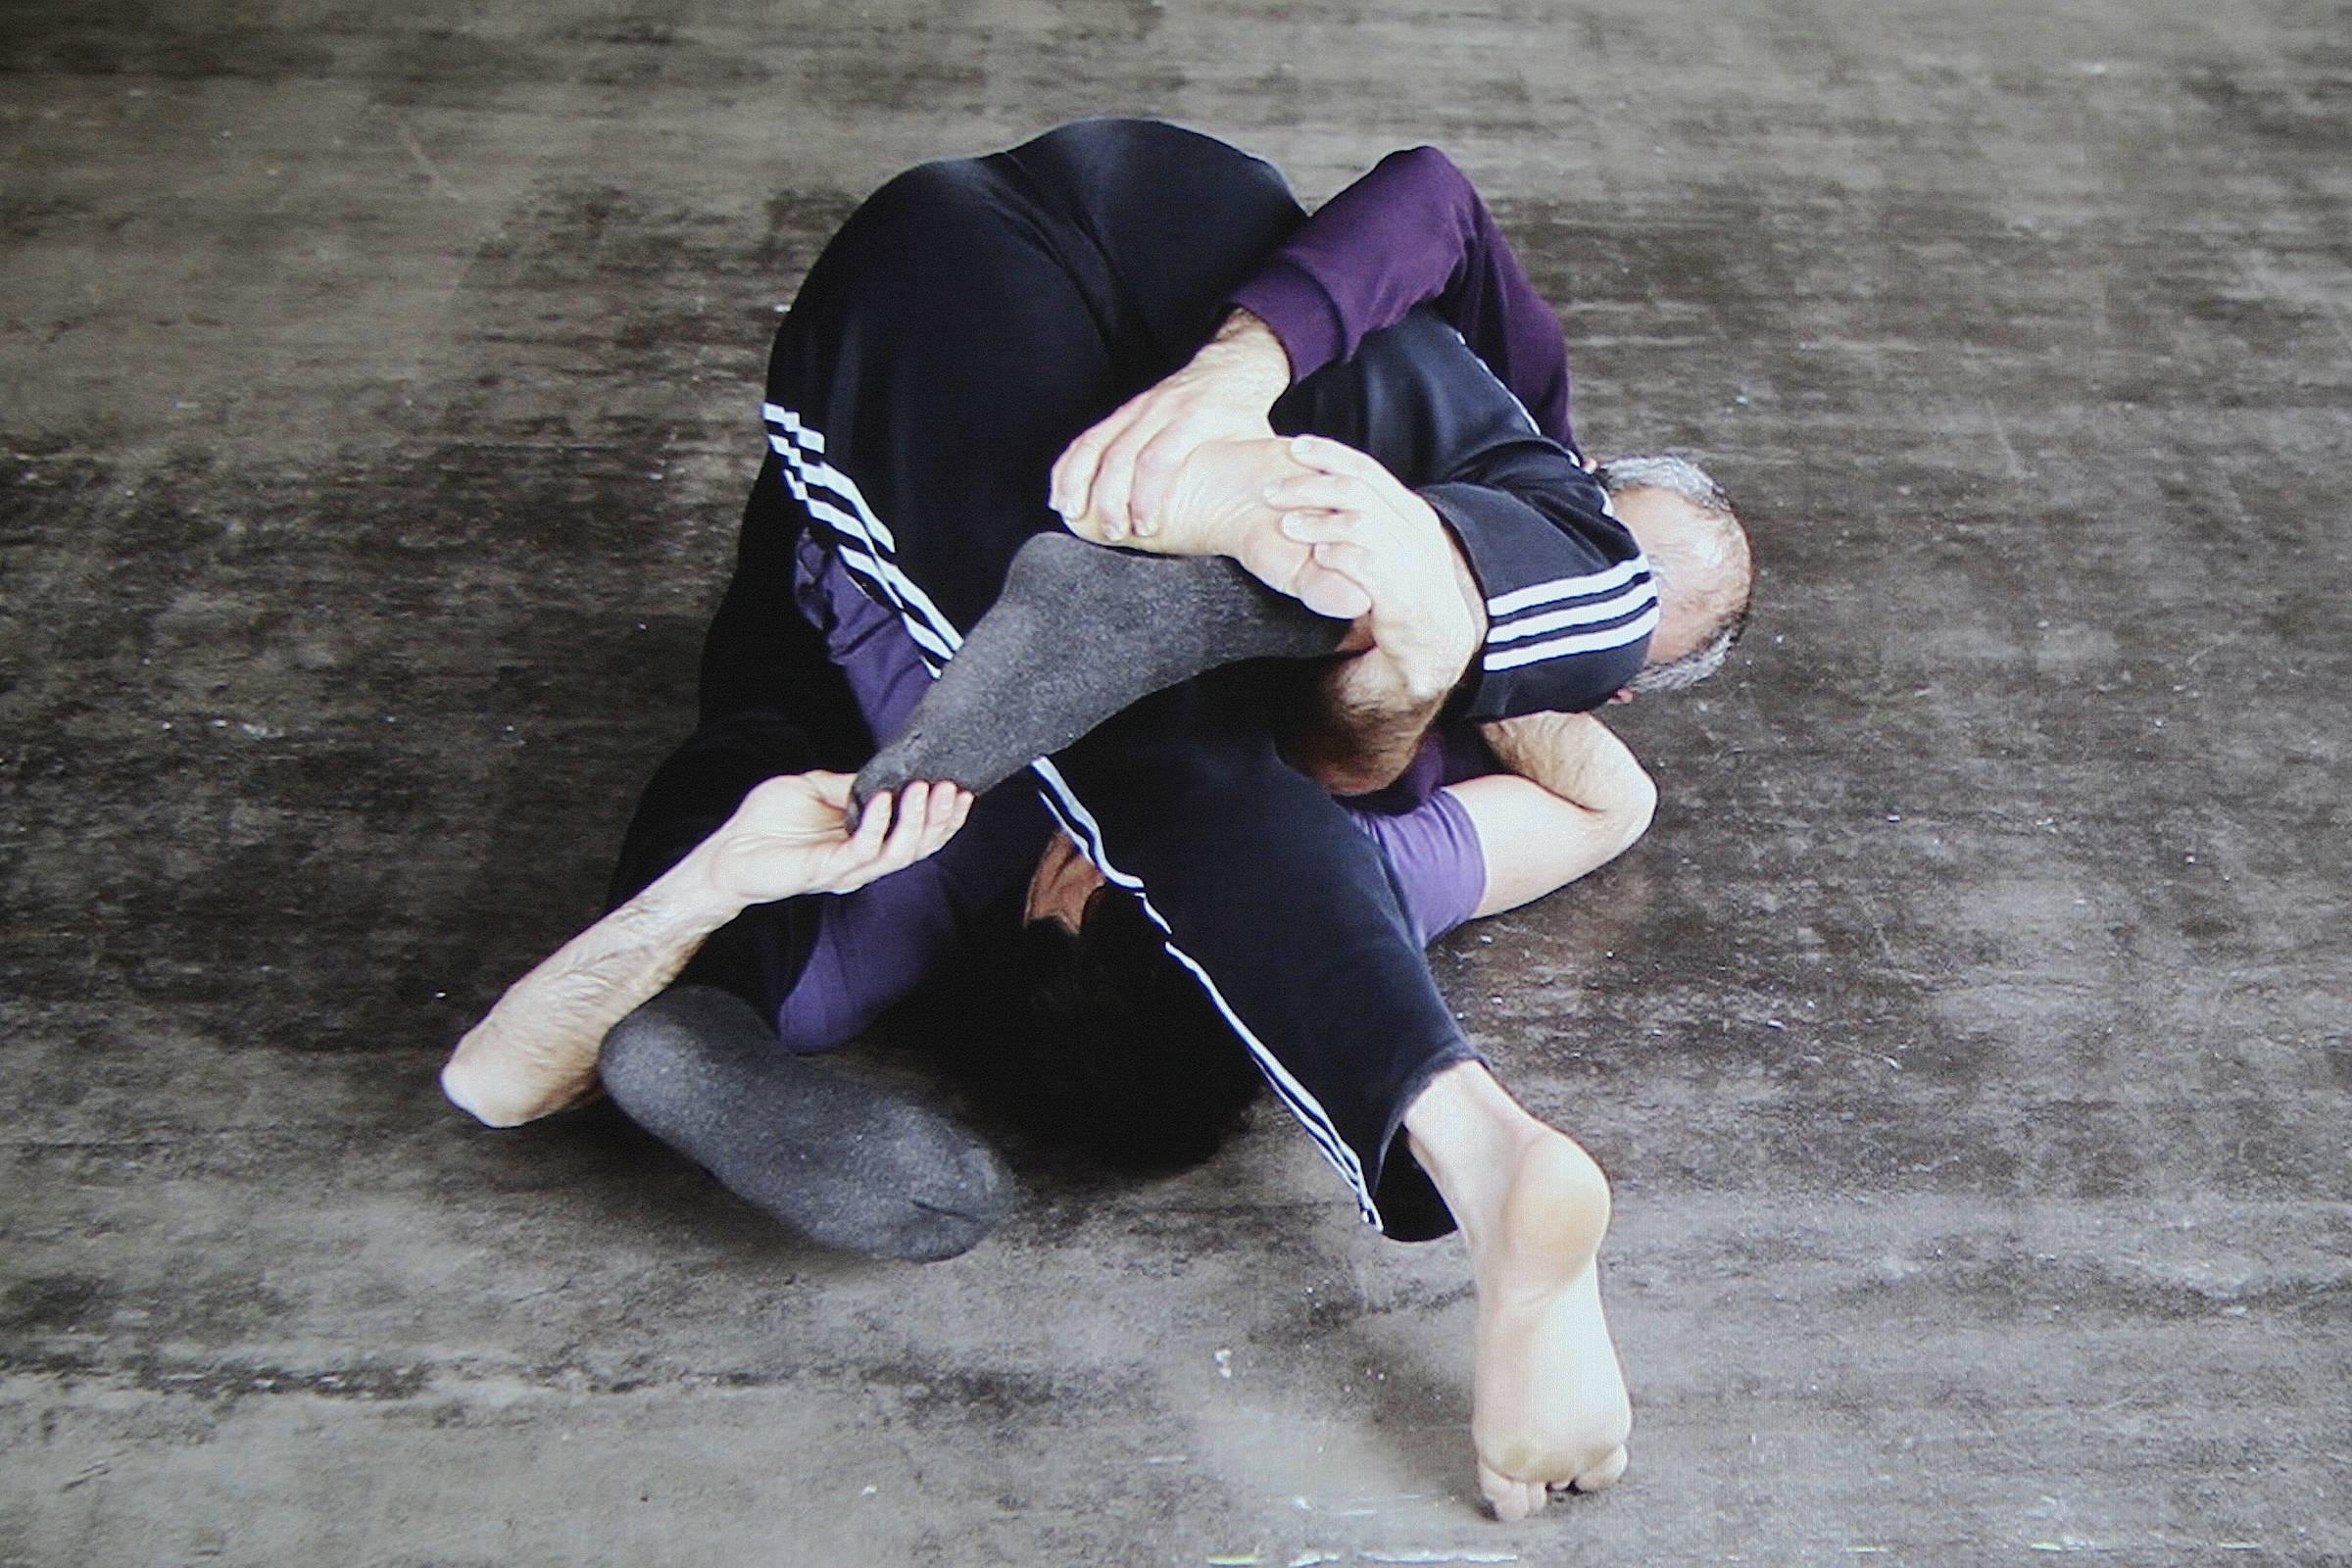 Exposição de William Forsythe faz público criar coreografia inusitada